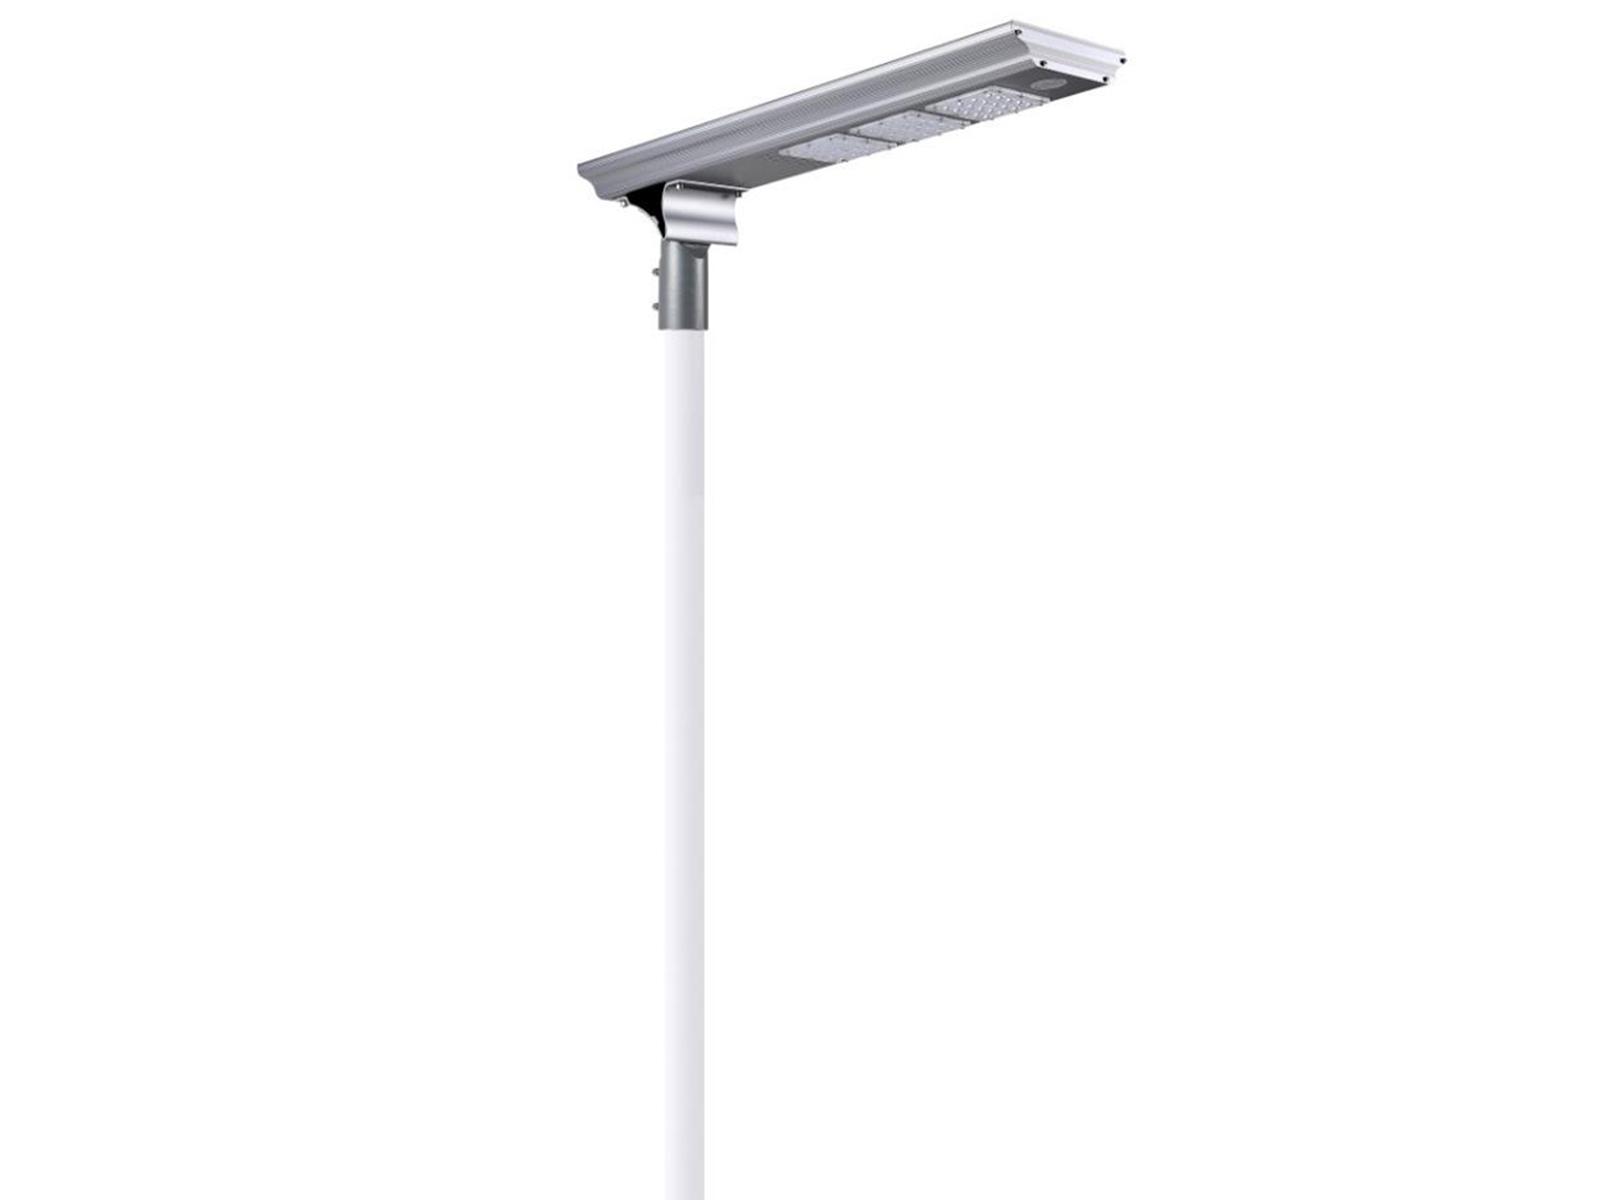 太阳能一体化路灯_太阳能一体化路灯厂家_太阳能一体化路灯价格